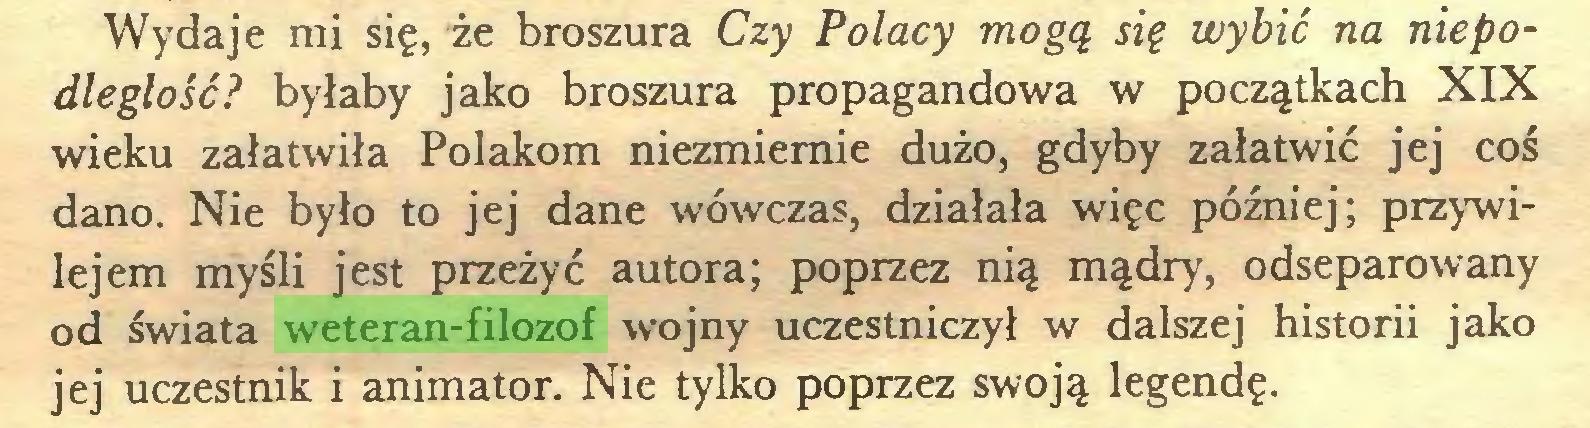 (...) Wydaje mi się, że broszura Czy Polacy mogą się wybić na niepodległość? byłaby jako broszura propagandowa w początkach XIX wieku załatwiła Polakom niezmiernie dużo, gdyby załatwić jej coś dano. Nie było to jej dane wówczas, działała więc później; przywilejem myśli jest przeżyć autora; poprzez nią mądry, odseparowany od świata weteran-filozof wojny uczestniczył w dalszej historii jako jej uczestnik i animator. Nie tylko poprzez swoją legendę...